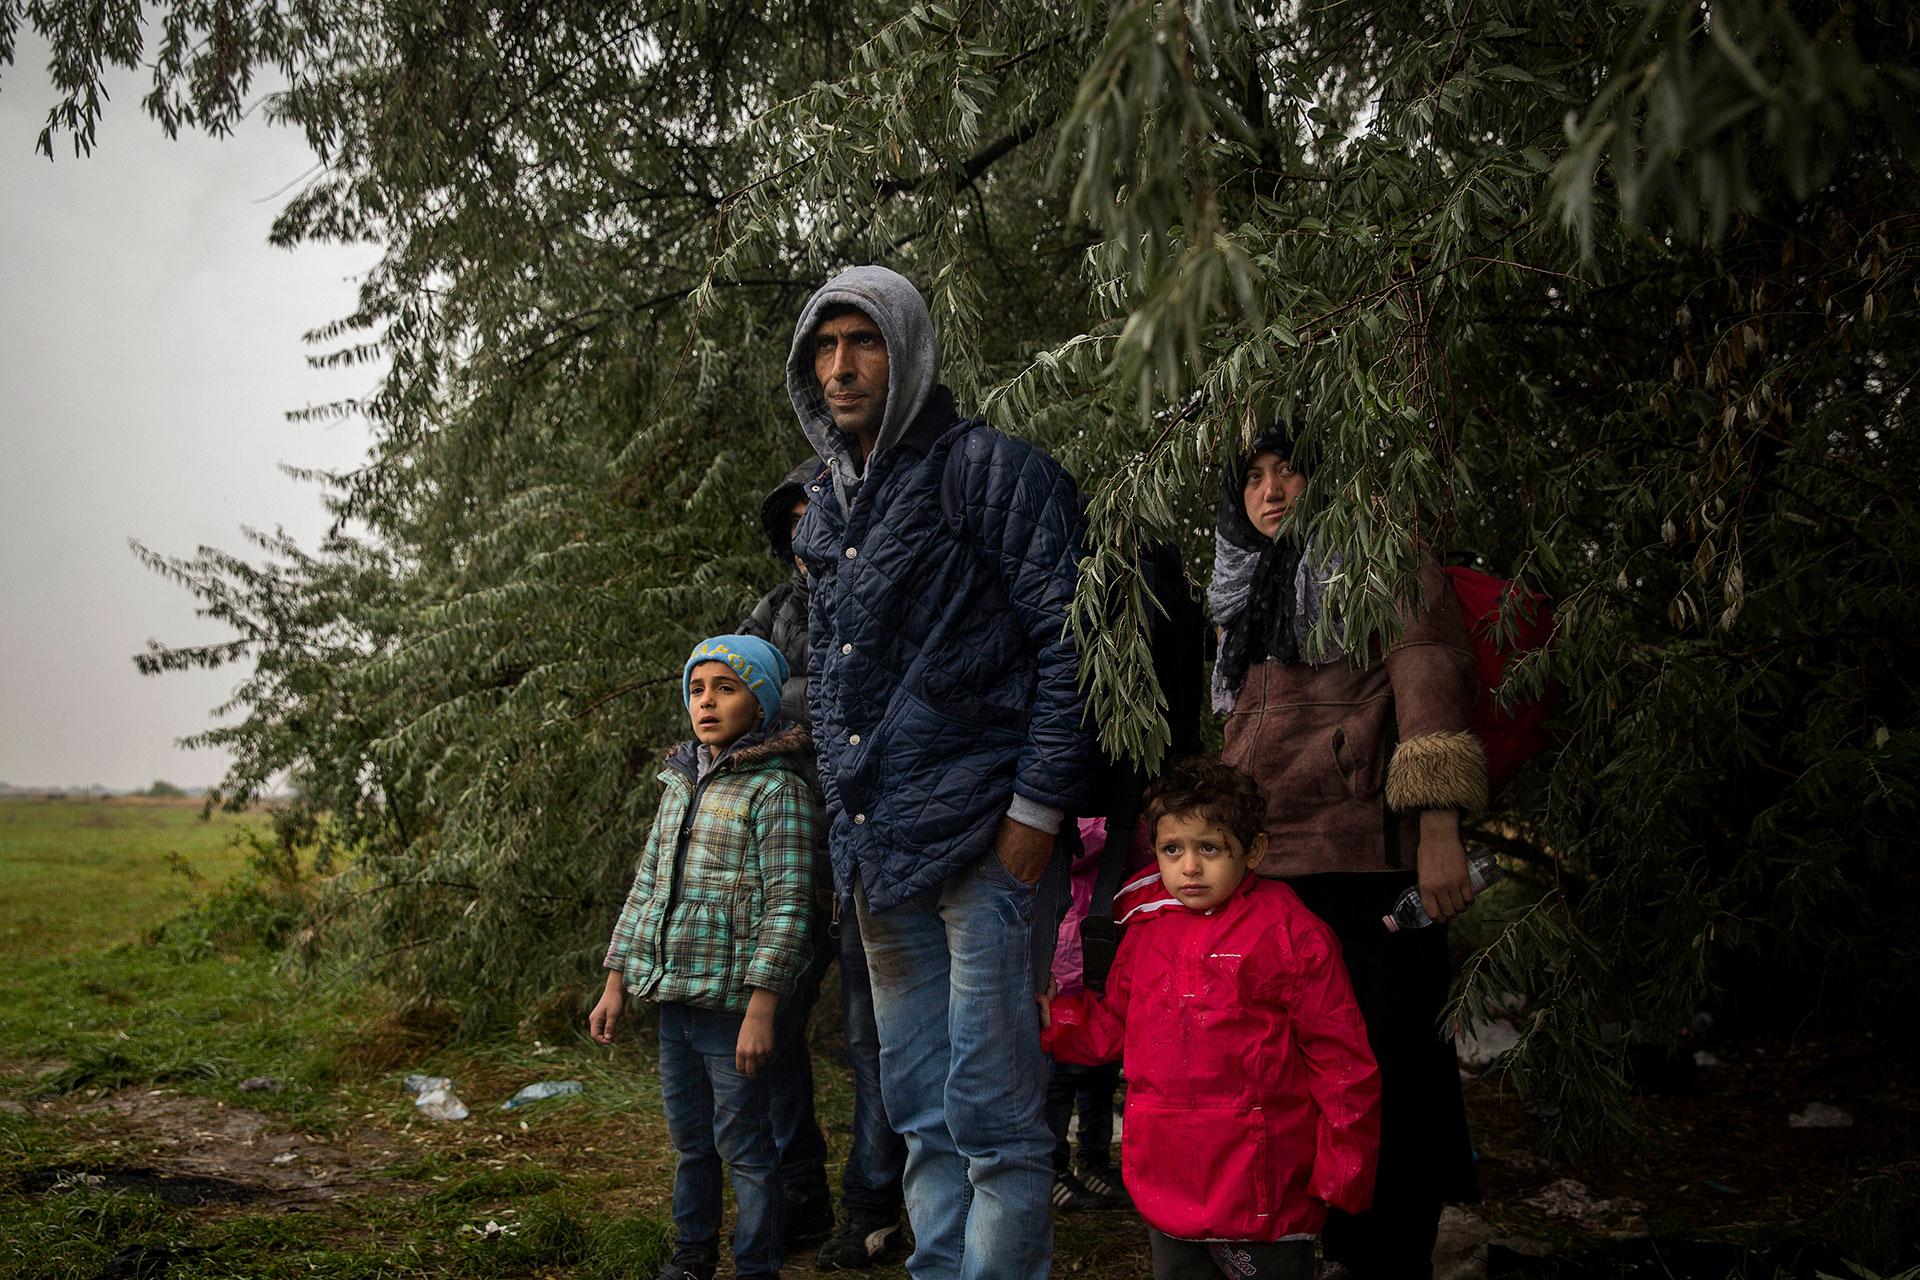 Una familia procedente de Siria espera junto a un pequeño bosque una señal para salir a coger un taxi ilegal. Al entrar en Hungría por el paso de Roszke, escaparon de la policía a través de una plantación de maíz. (Roszke. Hungría. 10/09/2015).